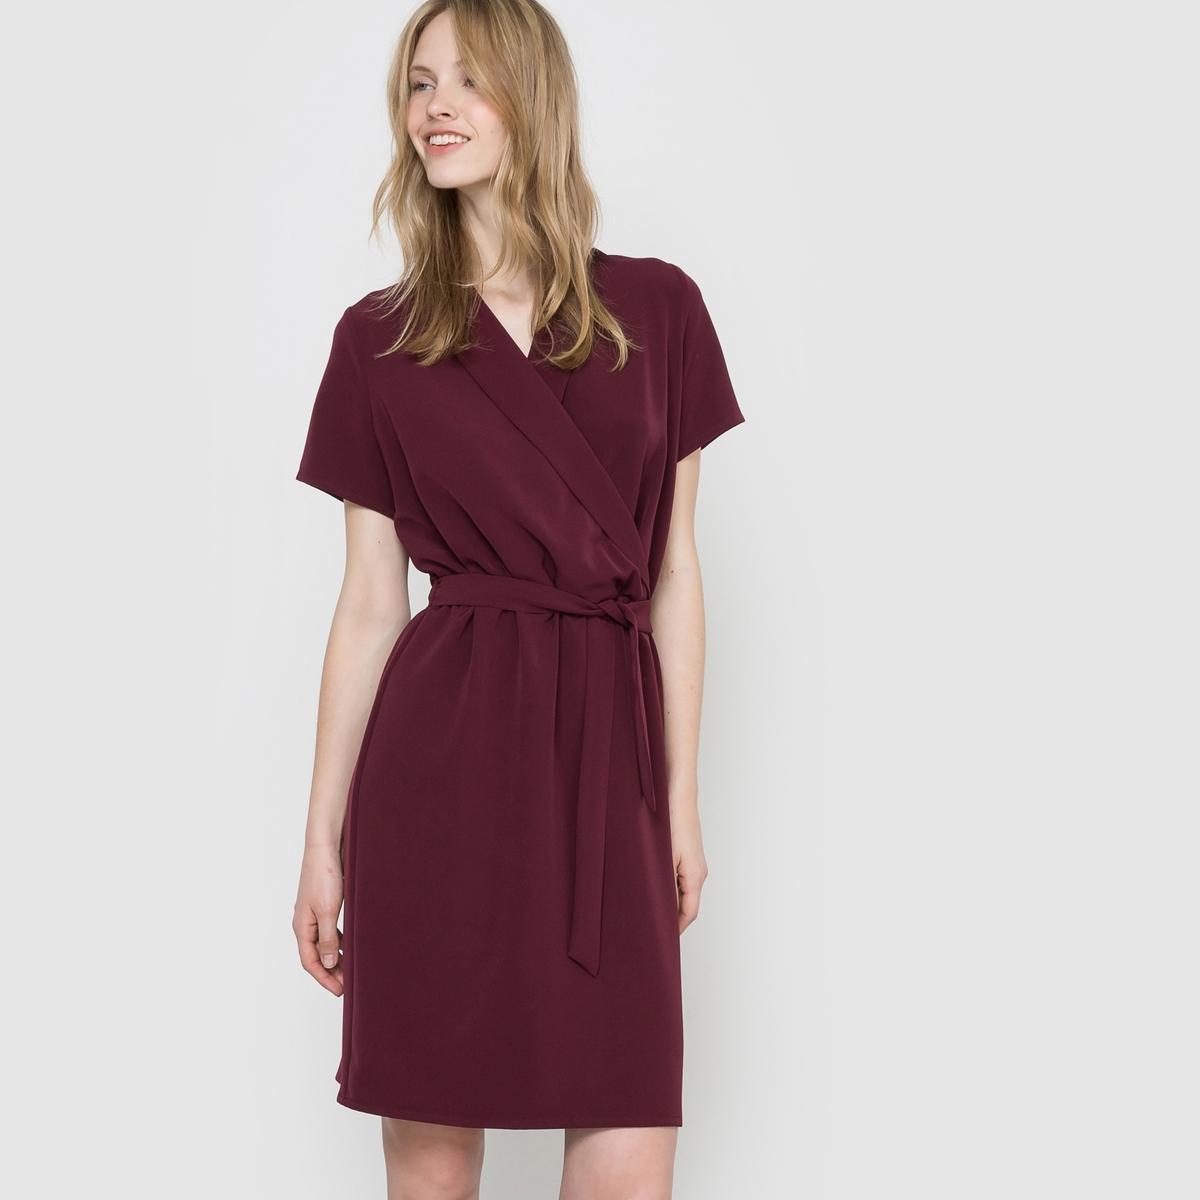 Платье с запахомПлатье с запахом из струящейся ткани. Короткие рукава. V-образный вырез с перекрещивающимися отворотами. Пояс со шлевками, с завязками.  Состав и описаниеМарка : R Essentiel. Материалы   : 88% полиэстера, 12% эластана.Длина 98 смЭтот товар большеразмерный, La Redoute рекомендует выбирать изделие на размер меньше вашего обычного размера .УходСтирка при 30°C, вывернув наизнанкуСтирать с вещами схожих цветов Гладить на низкой температуре, вывернув наизнанку.Машинная сушка в умеренном режиме<br><br>Цвет: бордовый,черный